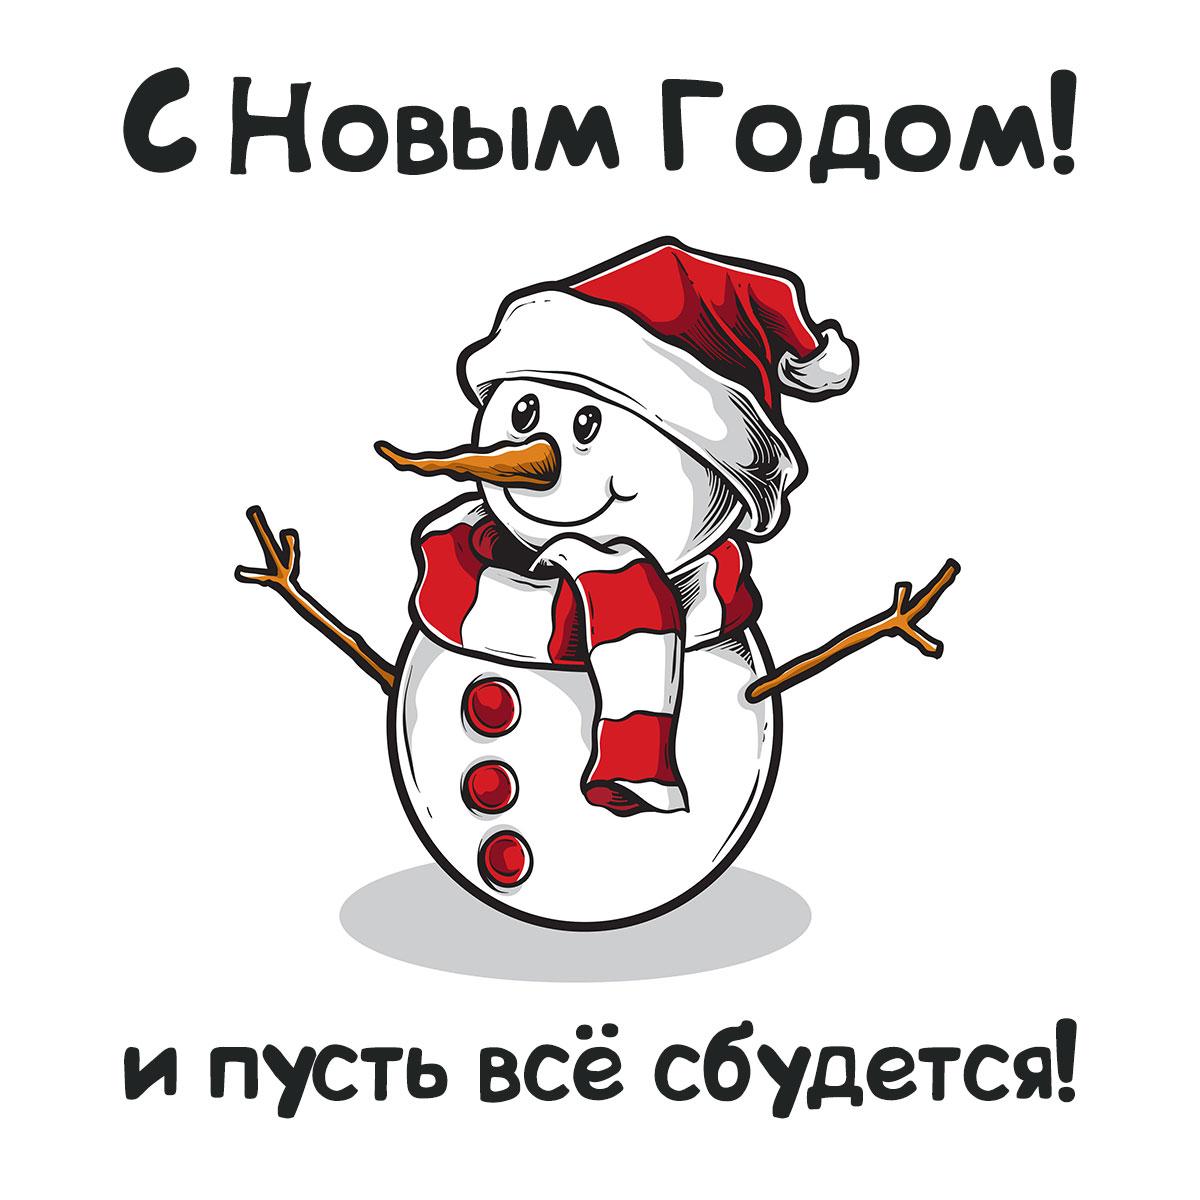 Картинка с текстом - короткое пожелание с новым годом с довольным снеговиком в шапке и шарфе Санта Клауса.